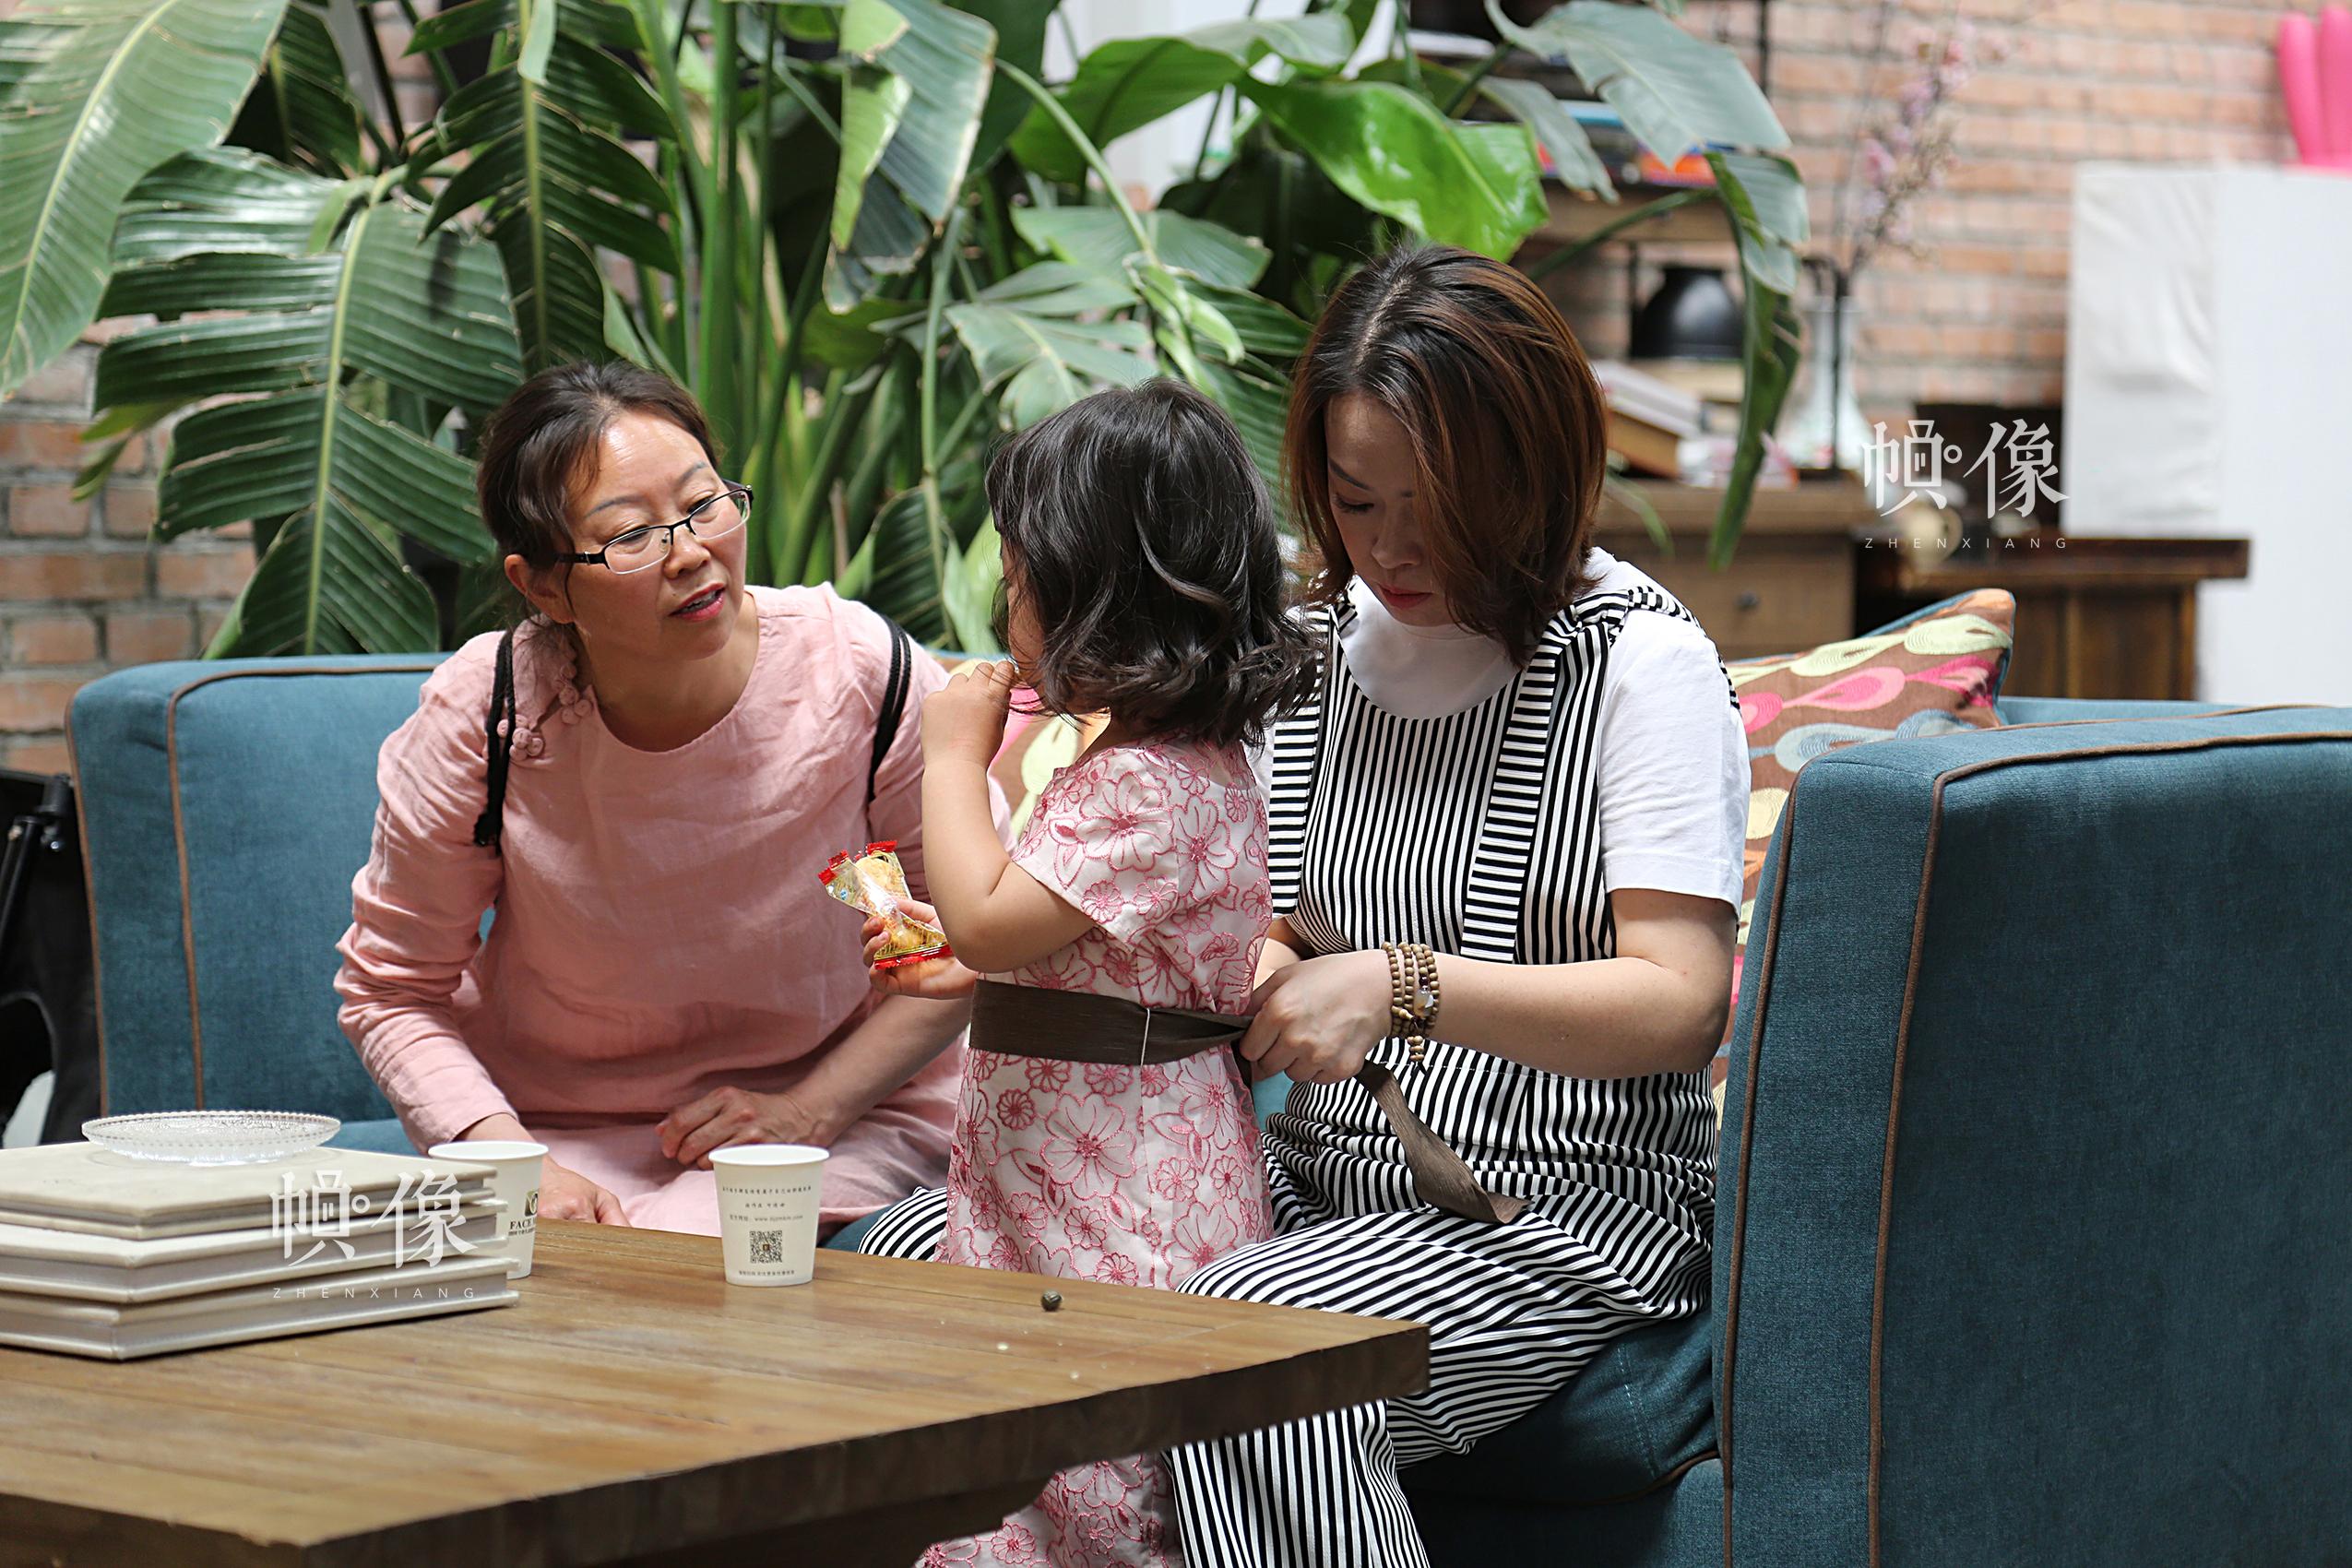 孙丽娟和李春晓正在照看孩子。中国网记者黄富友 摄